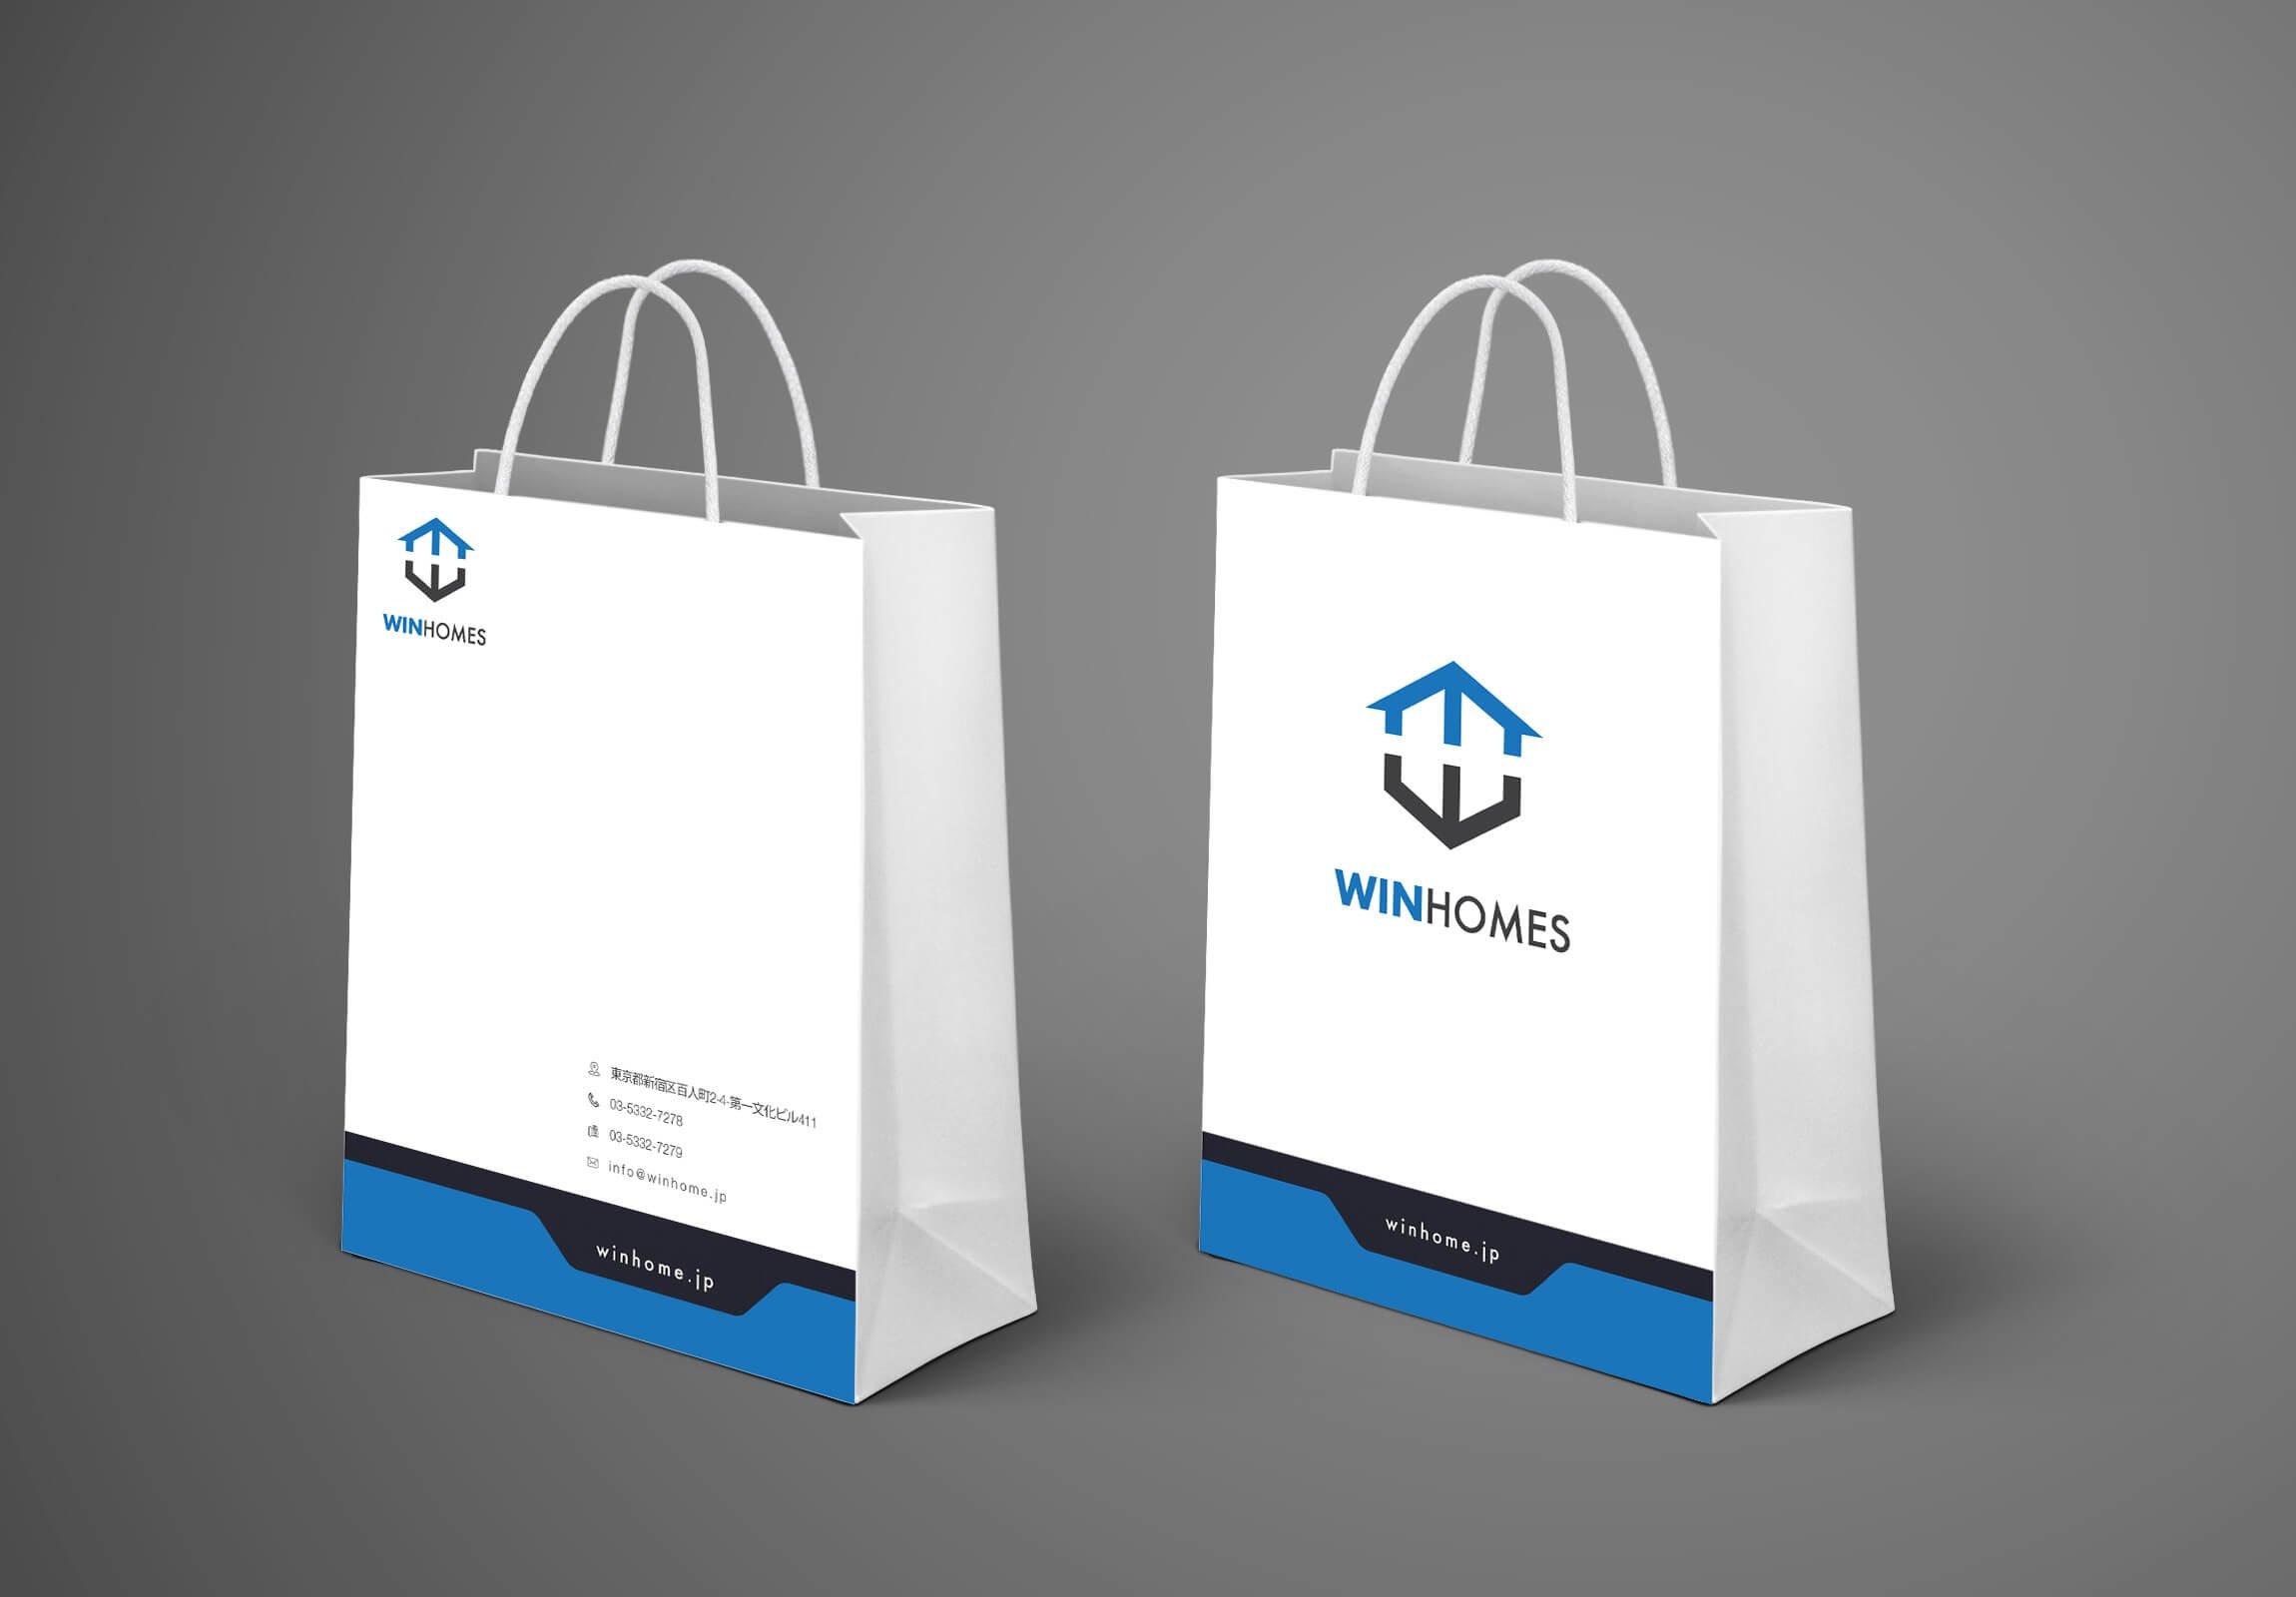 In túi giấy chất lượng lấy liền - Hình ảnh được chụp bởi NamVietAd.Com